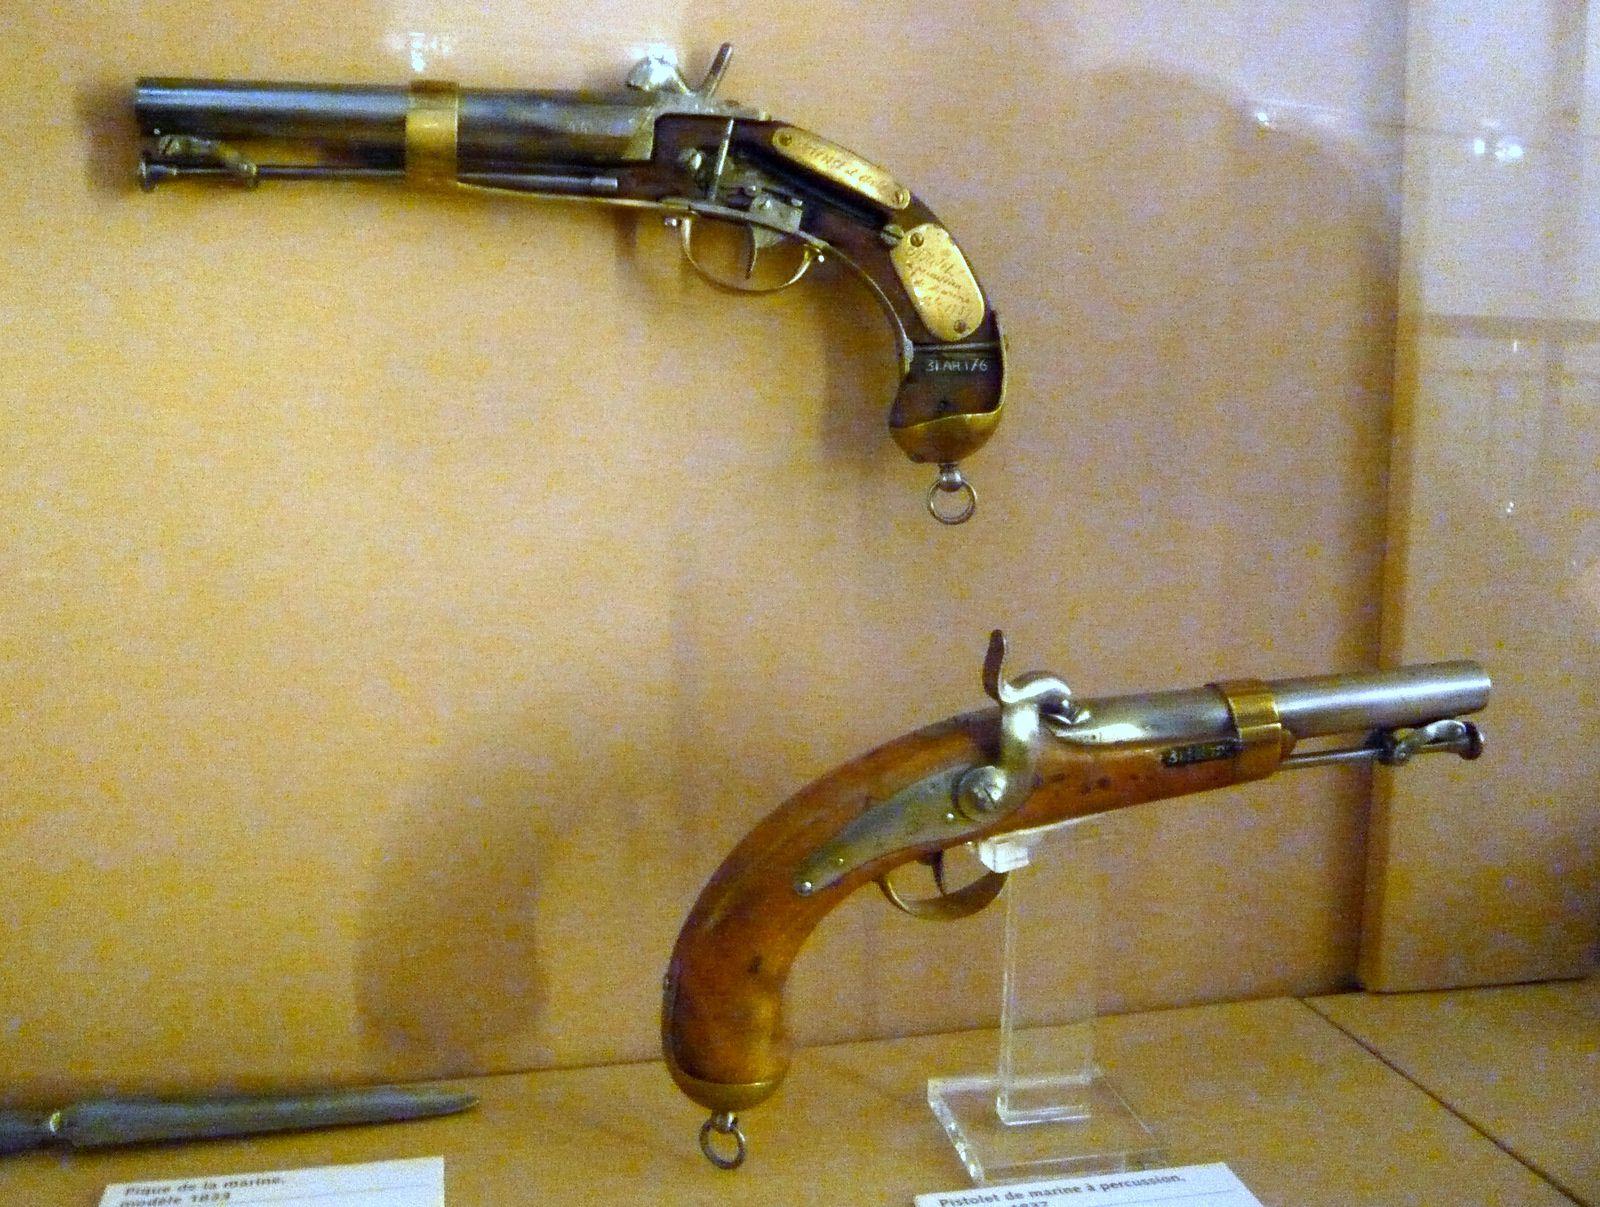 Espingole, pistolets à silex ou à percussion, obusier de 36